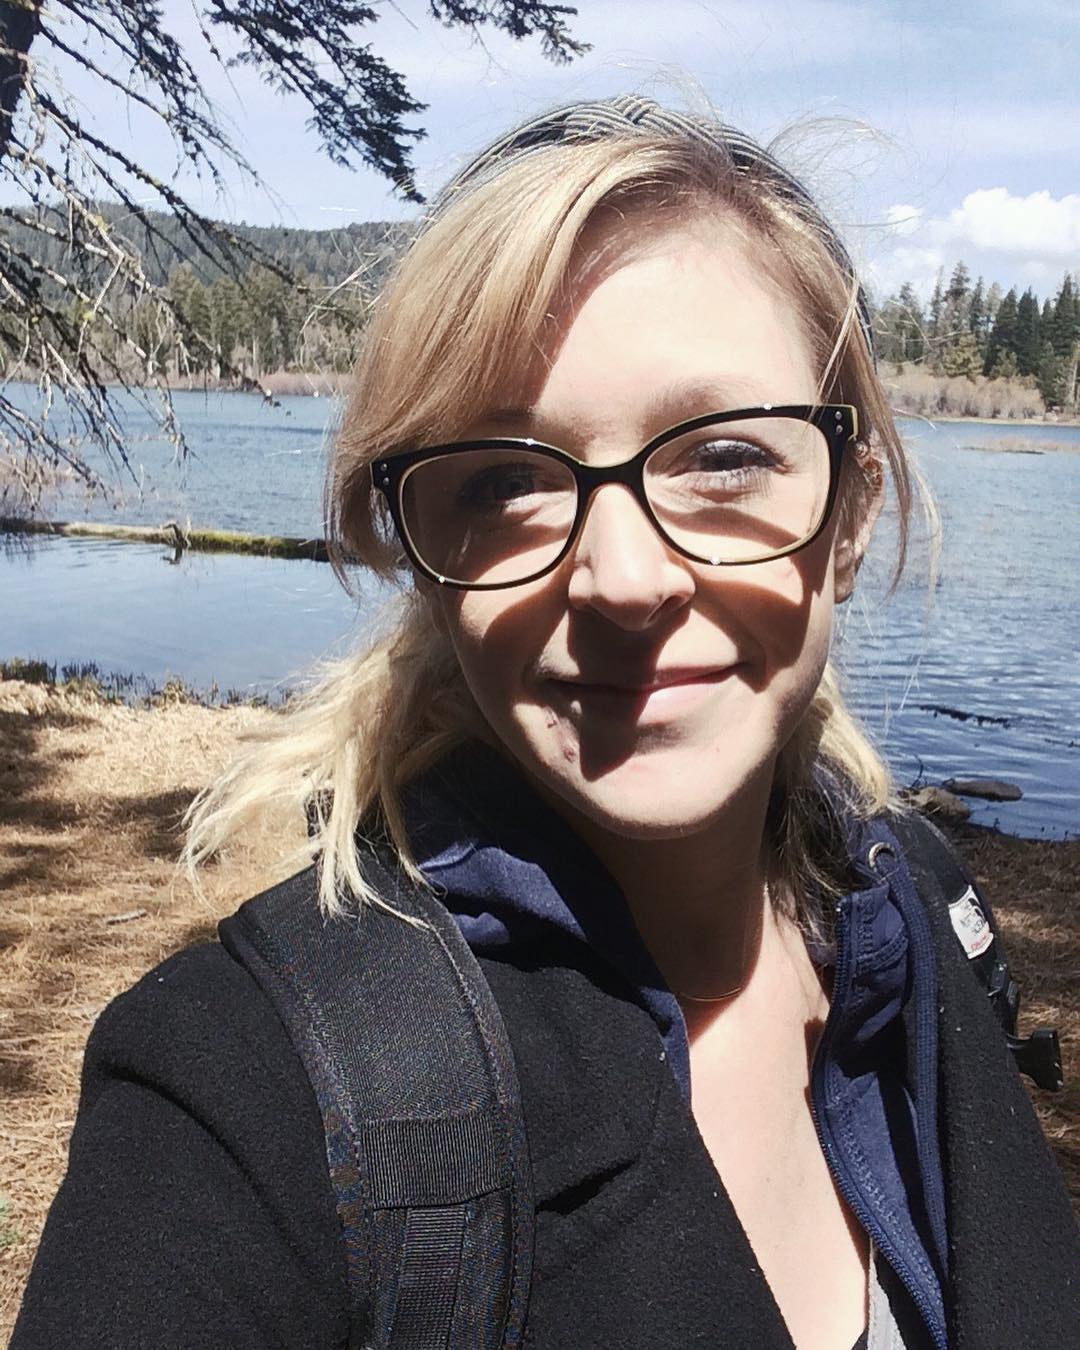 Joanna Overly hiking lifestyle